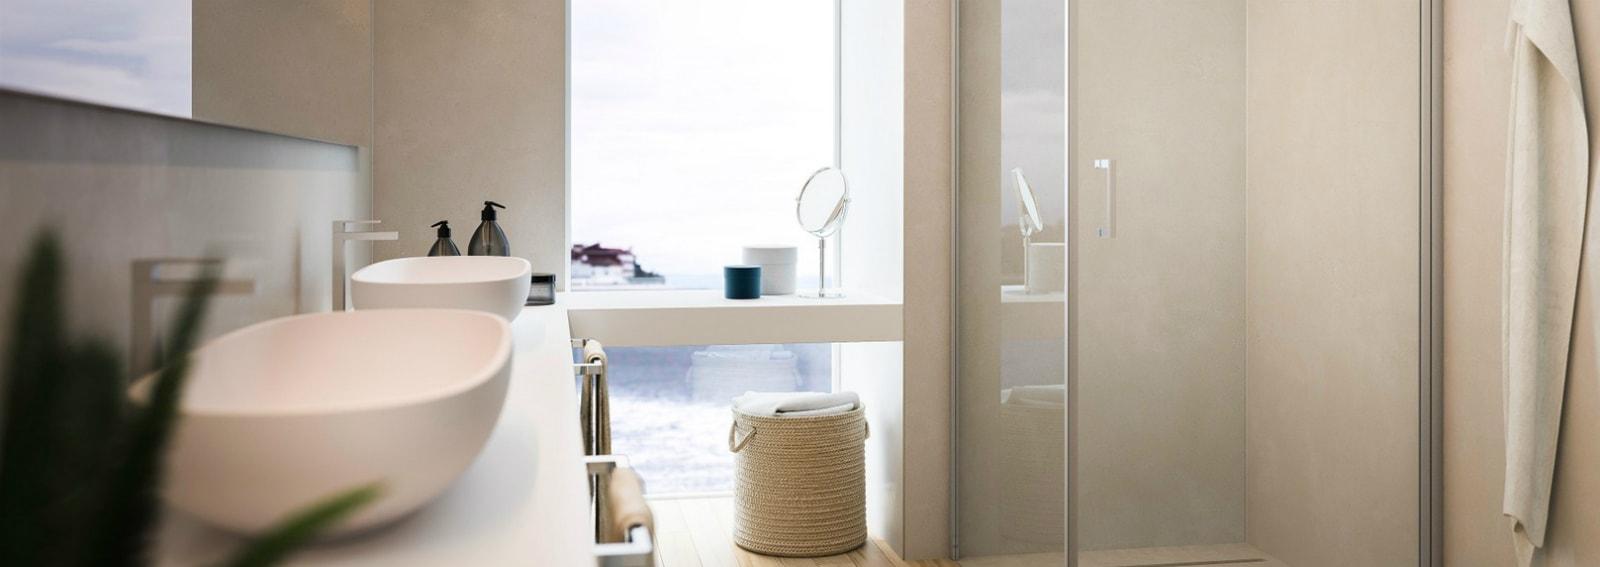 Come progettare il bagno le 5 regole fondamentali - Progettare il bagno ...